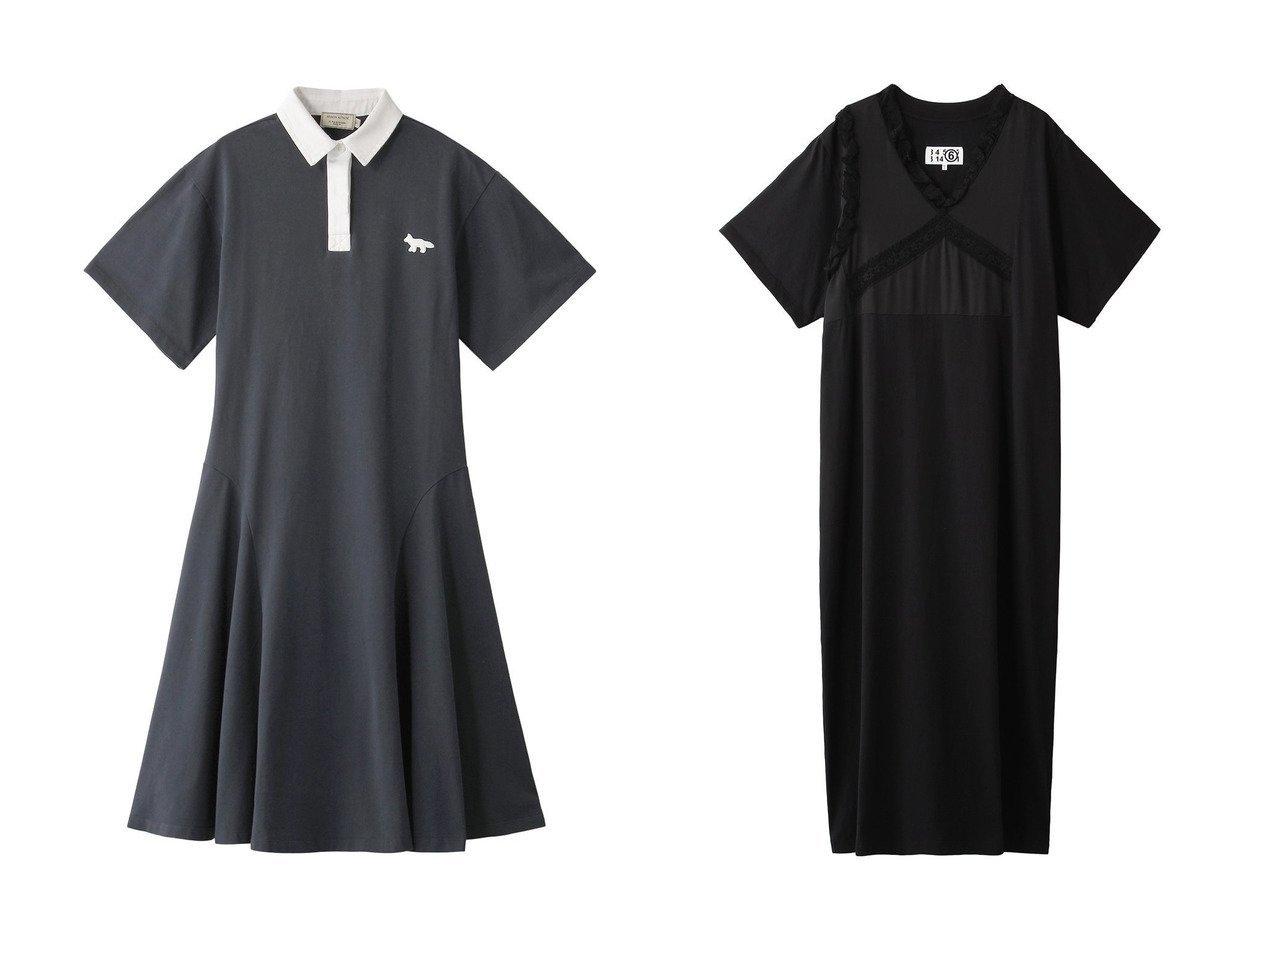 【MAISON KITSUNE/メゾン キツネ】のドレス・ワンピース&【MM6 Maison Martin Margiela/エムエム6 メゾン マルタン マルジェラ】のベーシックジャージーレース切替ワンピース 【ワンピース・ドレス】おすすめ!人気、トレンド・レディースファッションの通販 おすすめで人気の流行・トレンド、ファッションの通販商品 メンズファッション・キッズファッション・インテリア・家具・レディースファッション・服の通販 founy(ファニー) https://founy.com/ ファッション Fashion レディースファッション WOMEN ワンピース Dress ドレス Party Dresses スニーカー スポーティ スリーブ ドレス パッチ フィット フォックス フレア リラックス ワイド レース ロング 切替  ID:crp329100000035538